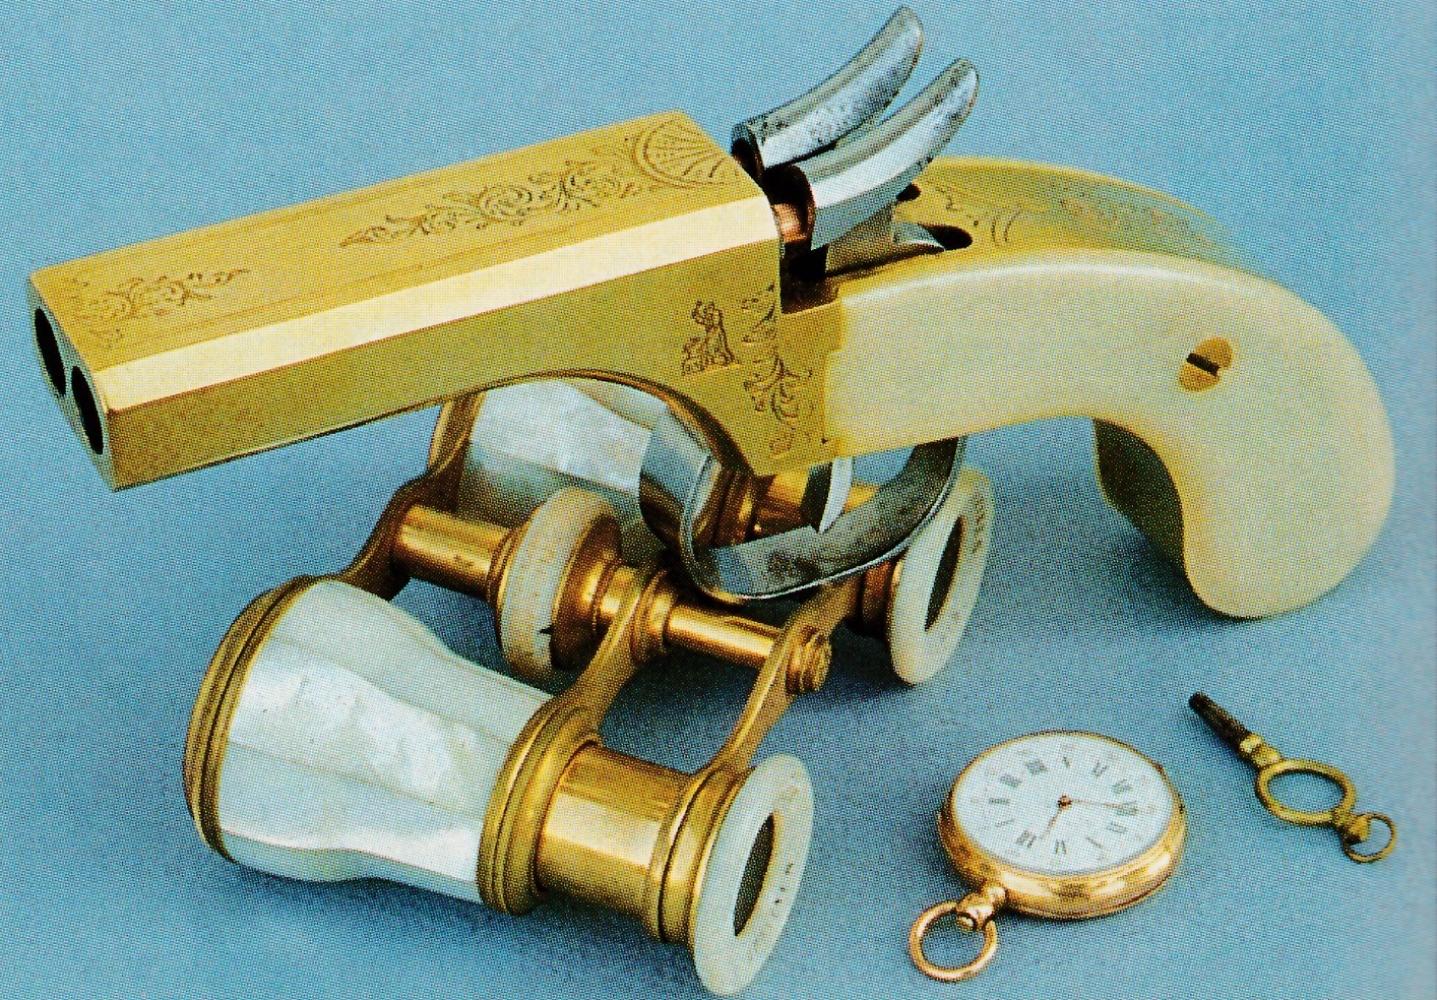 """Cette originale réplique d'un pistolet de voyage était commercialisée par la Navy Arms Company sous la dénomination de """"Snake Eyes"""" (yeux de serpent) en raison du dessin formé par la bouche de ses deux canons juxtaposés."""